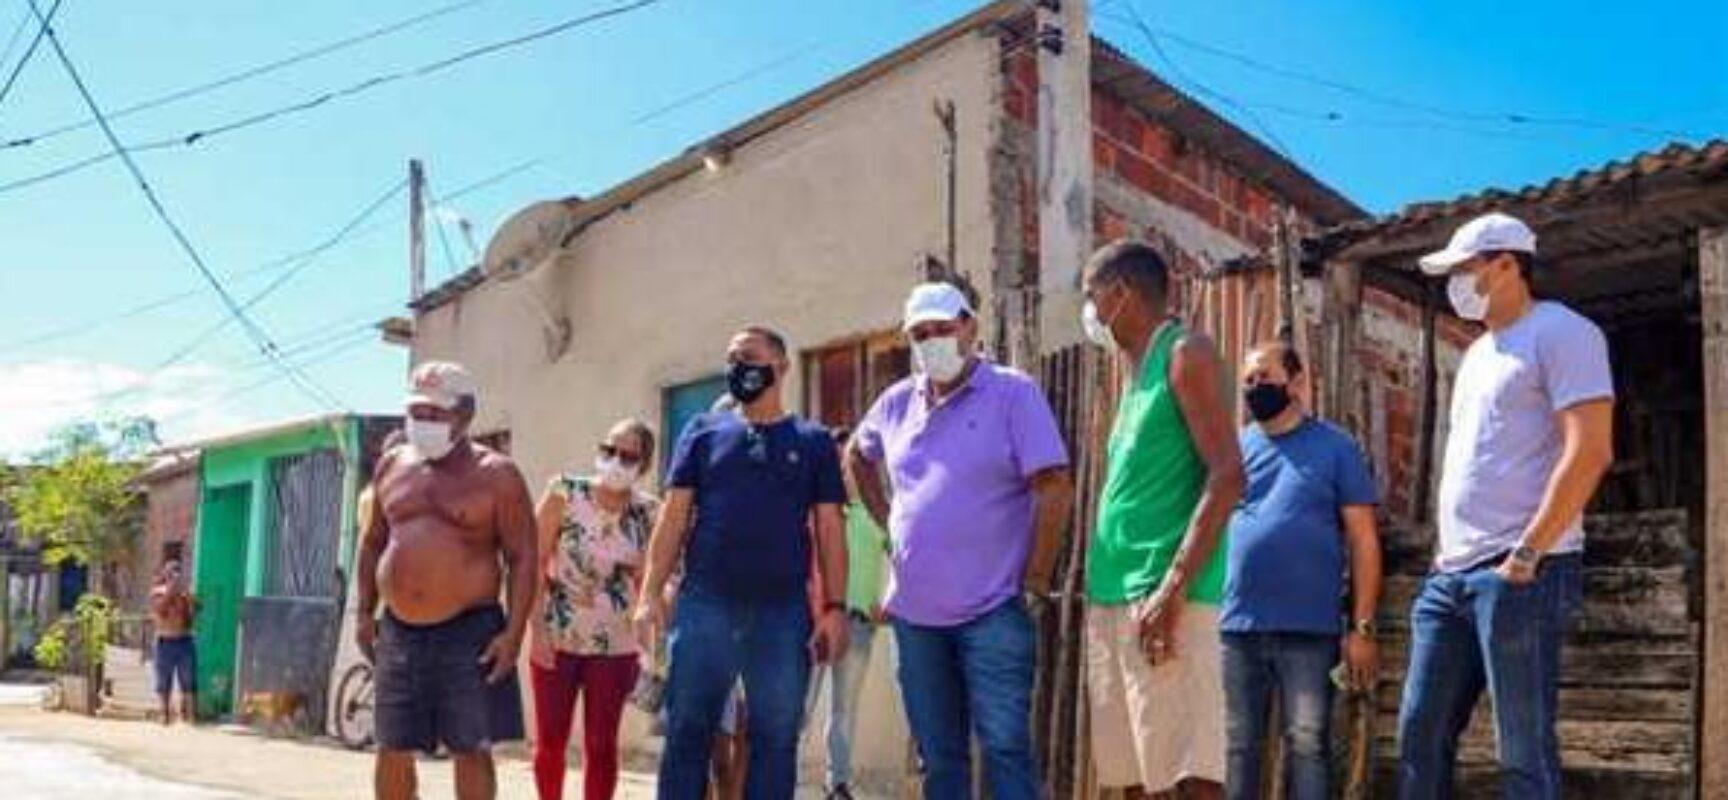 Prefeito Mário Alexandre cumpre agenda no final de semana em visita às estradas rurais de Ilhéus